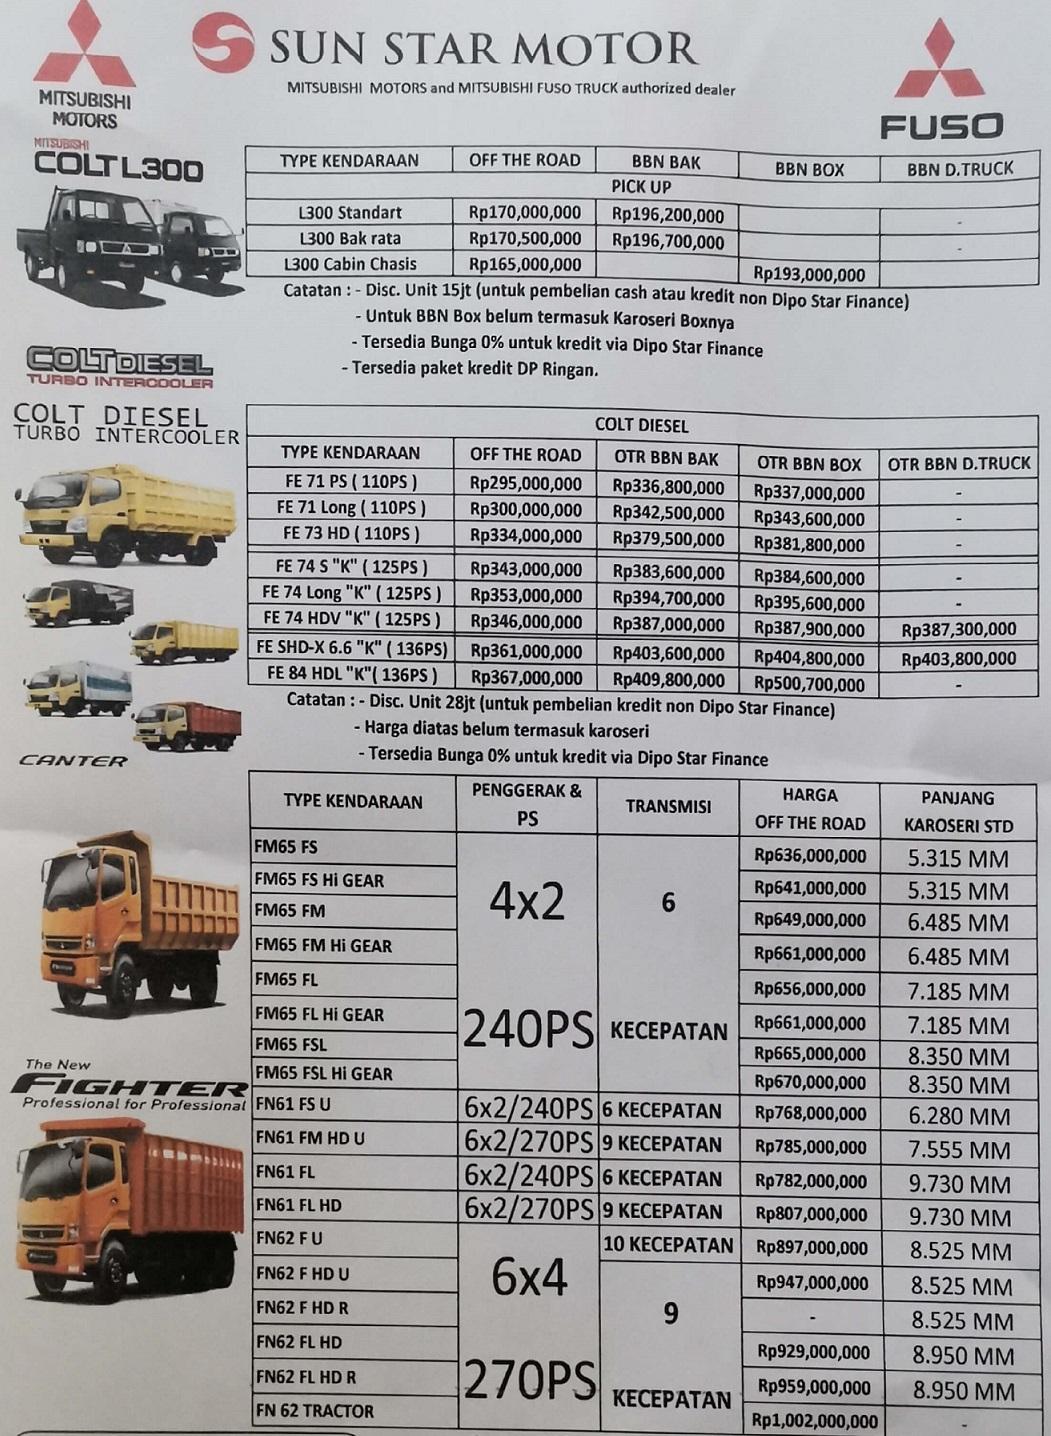 harga kredit mitsubishi colt diesel surabaya 2021 brosur